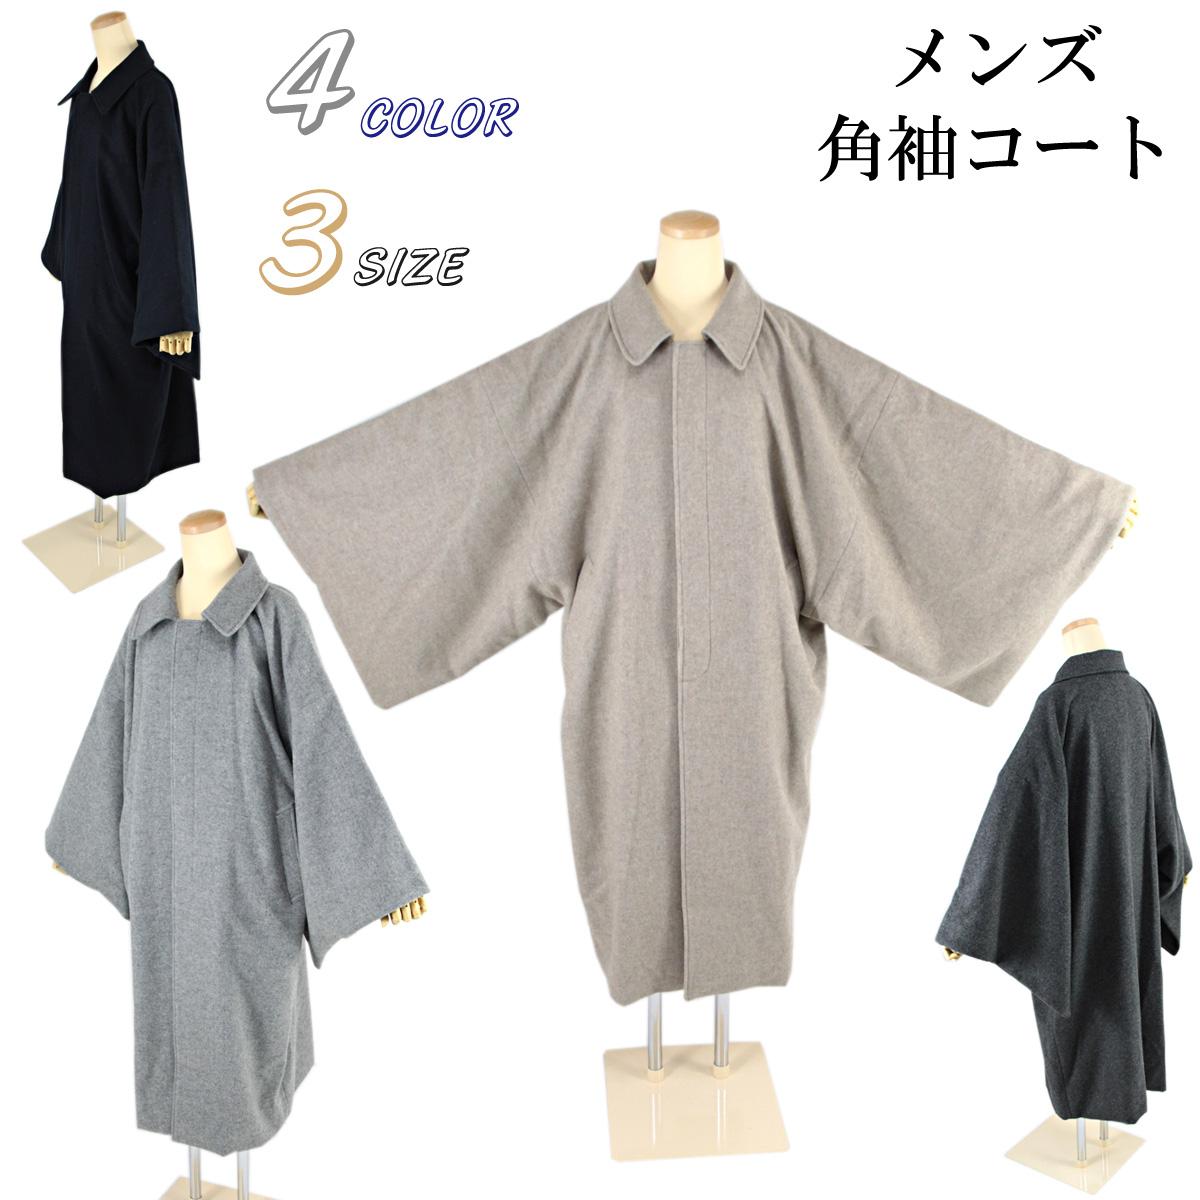 角袖コート -18- ウールコート 和装コート メンズ